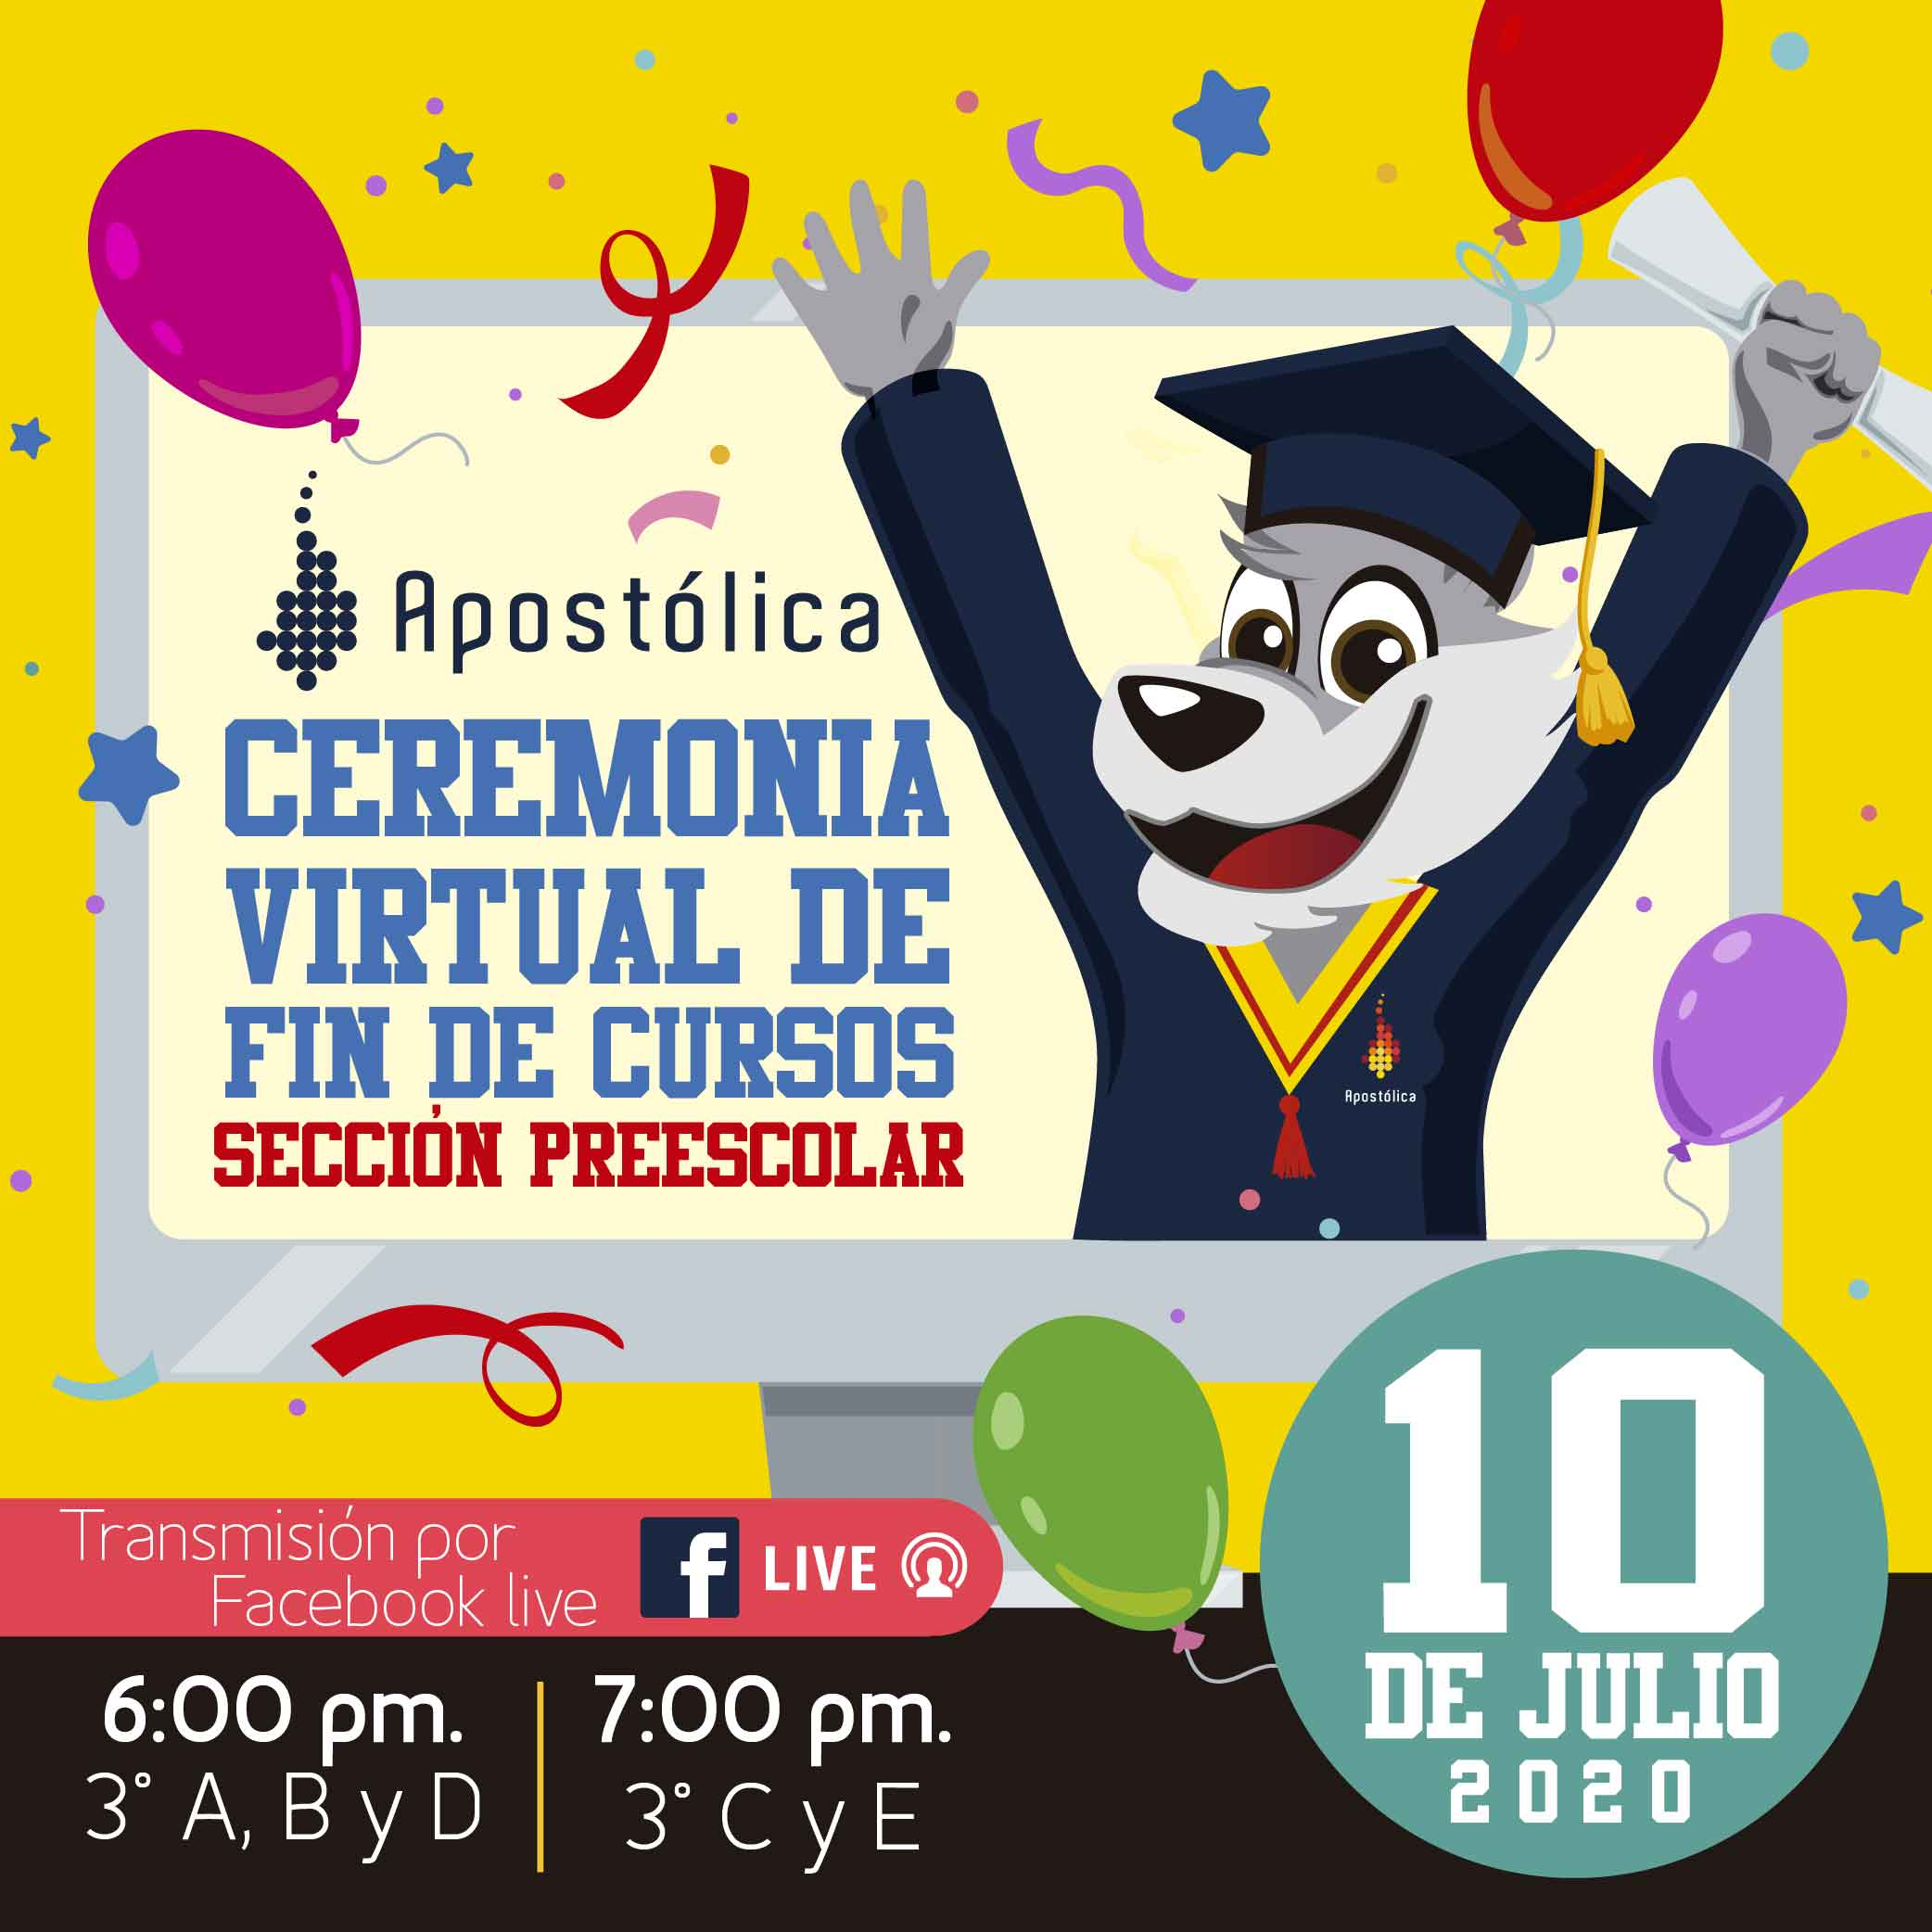 Ceremonia virtual de fin de cursos, Preescolar